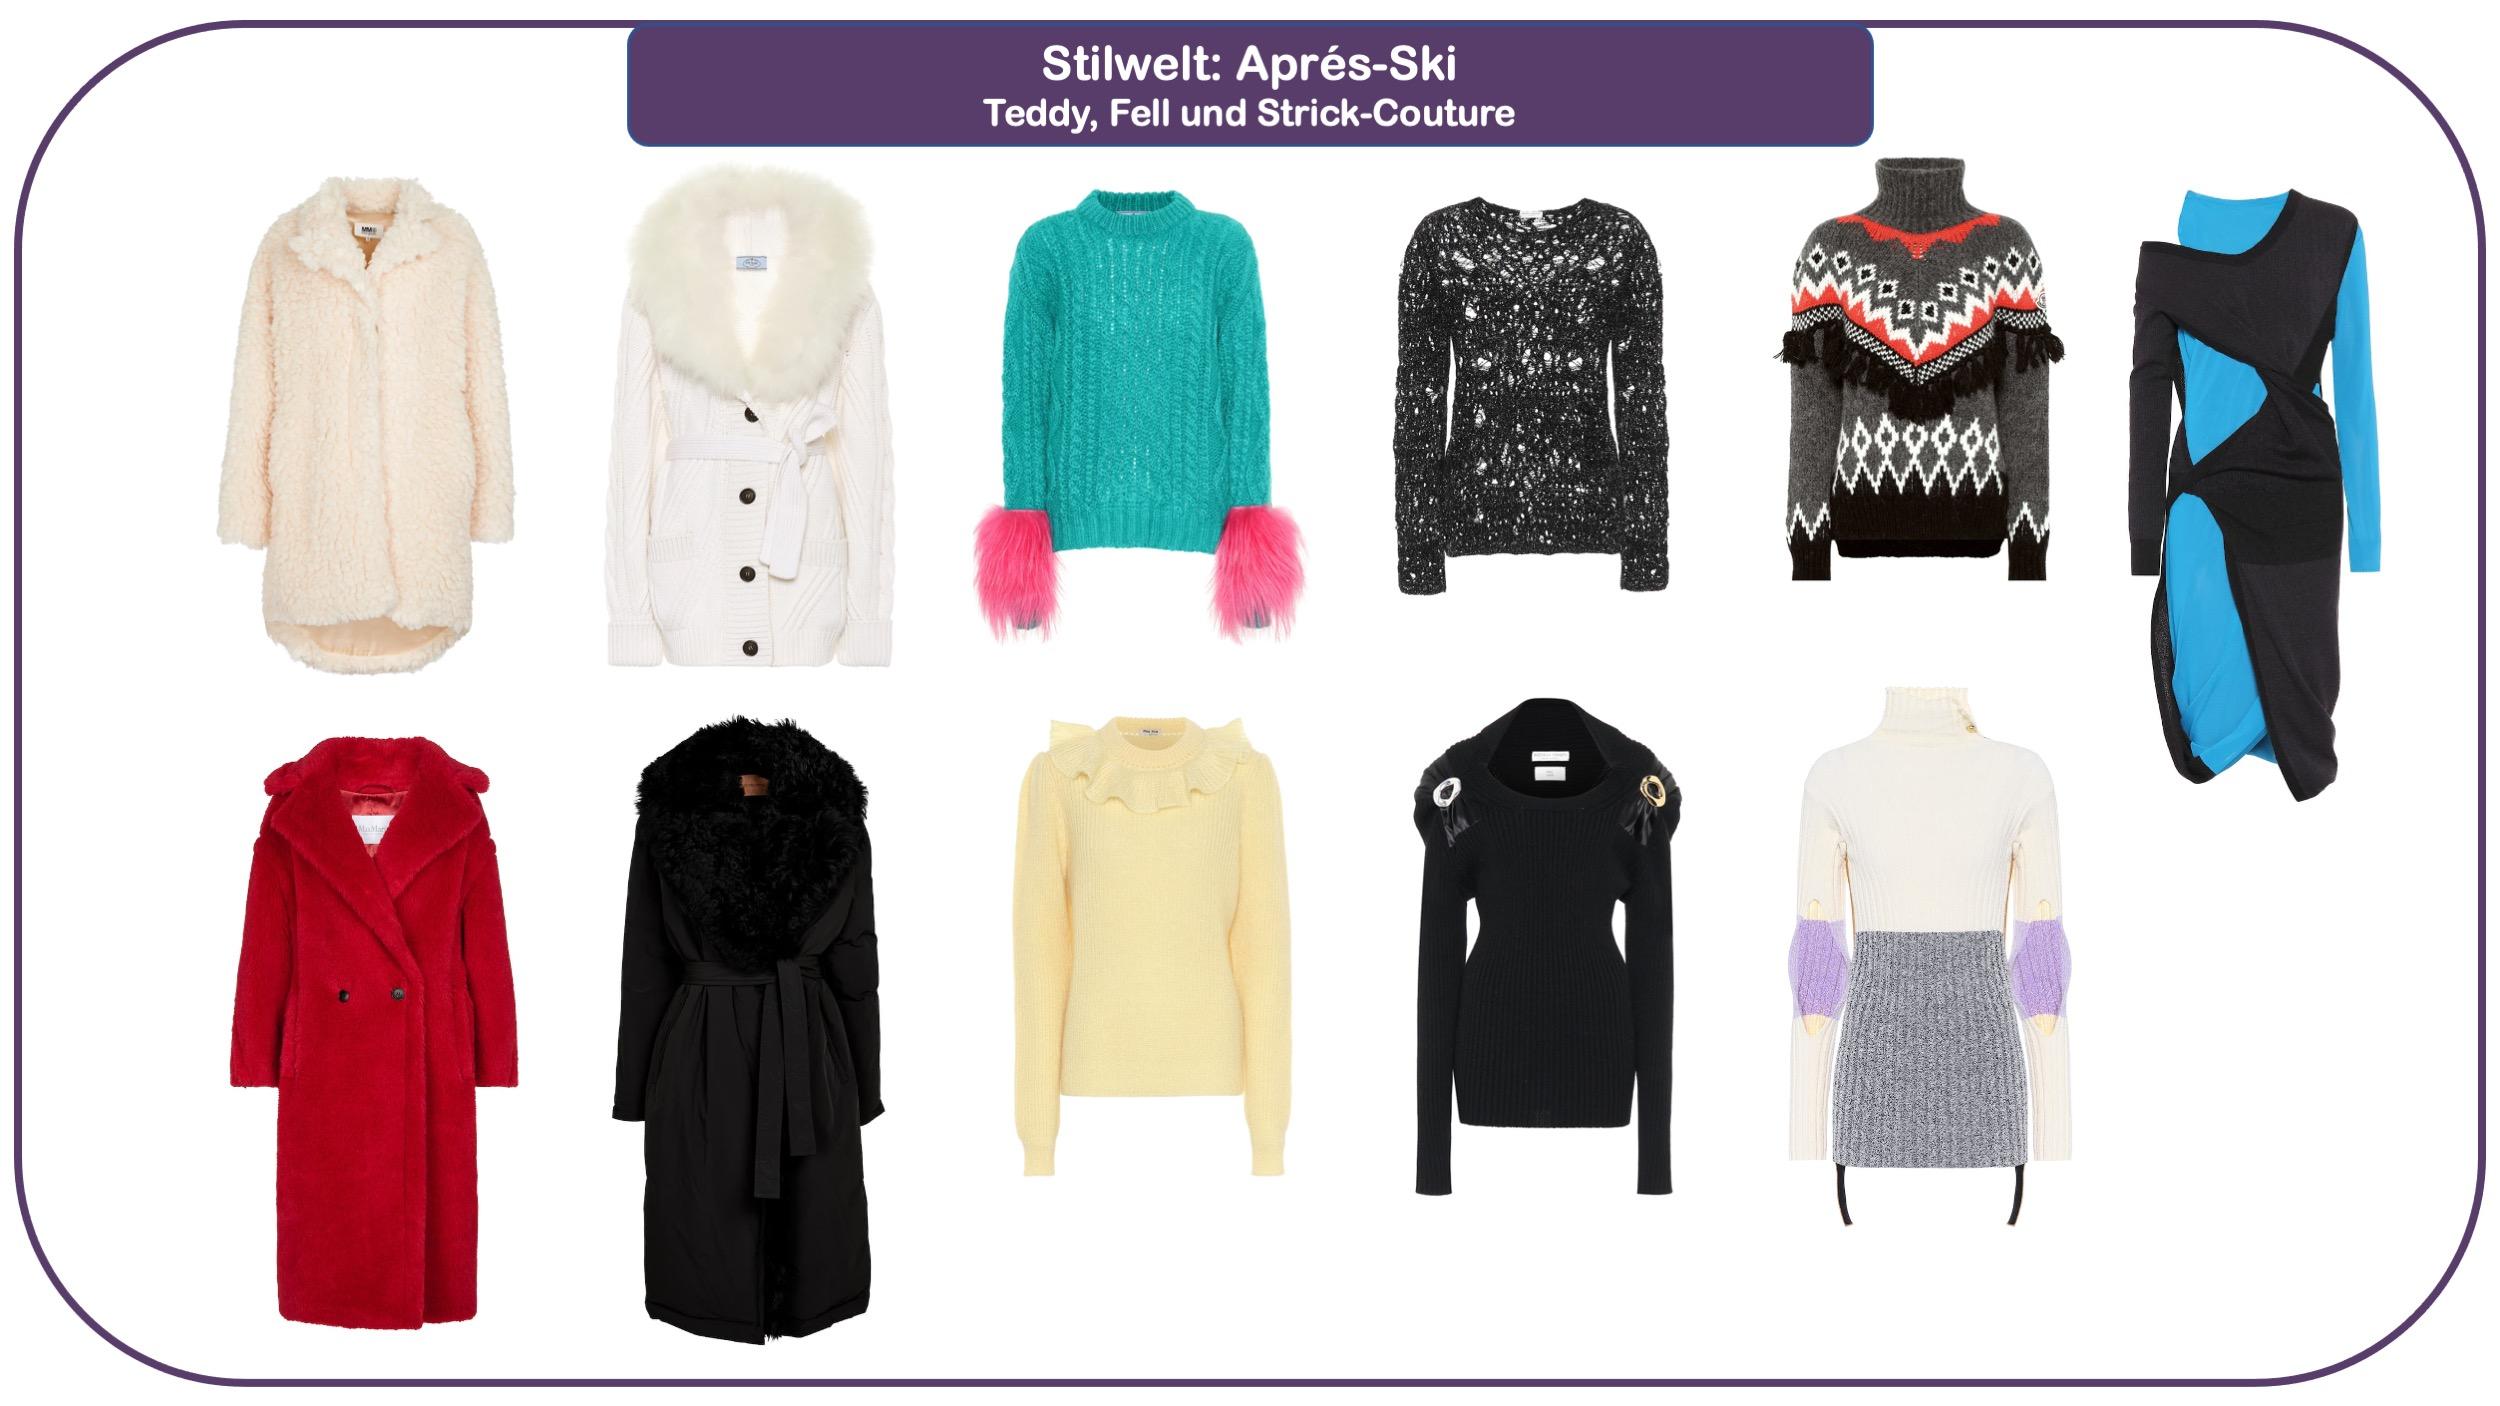 Modetrends für Herbst und Winter 2021/22 - Teddyfell und Stricksachen